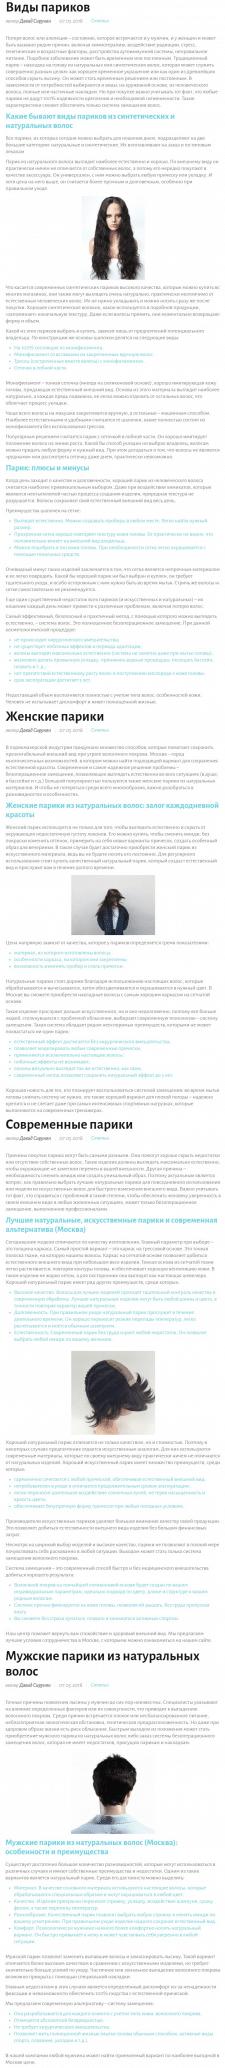 ЖЕНСКИЕ | Центр дизайна волос